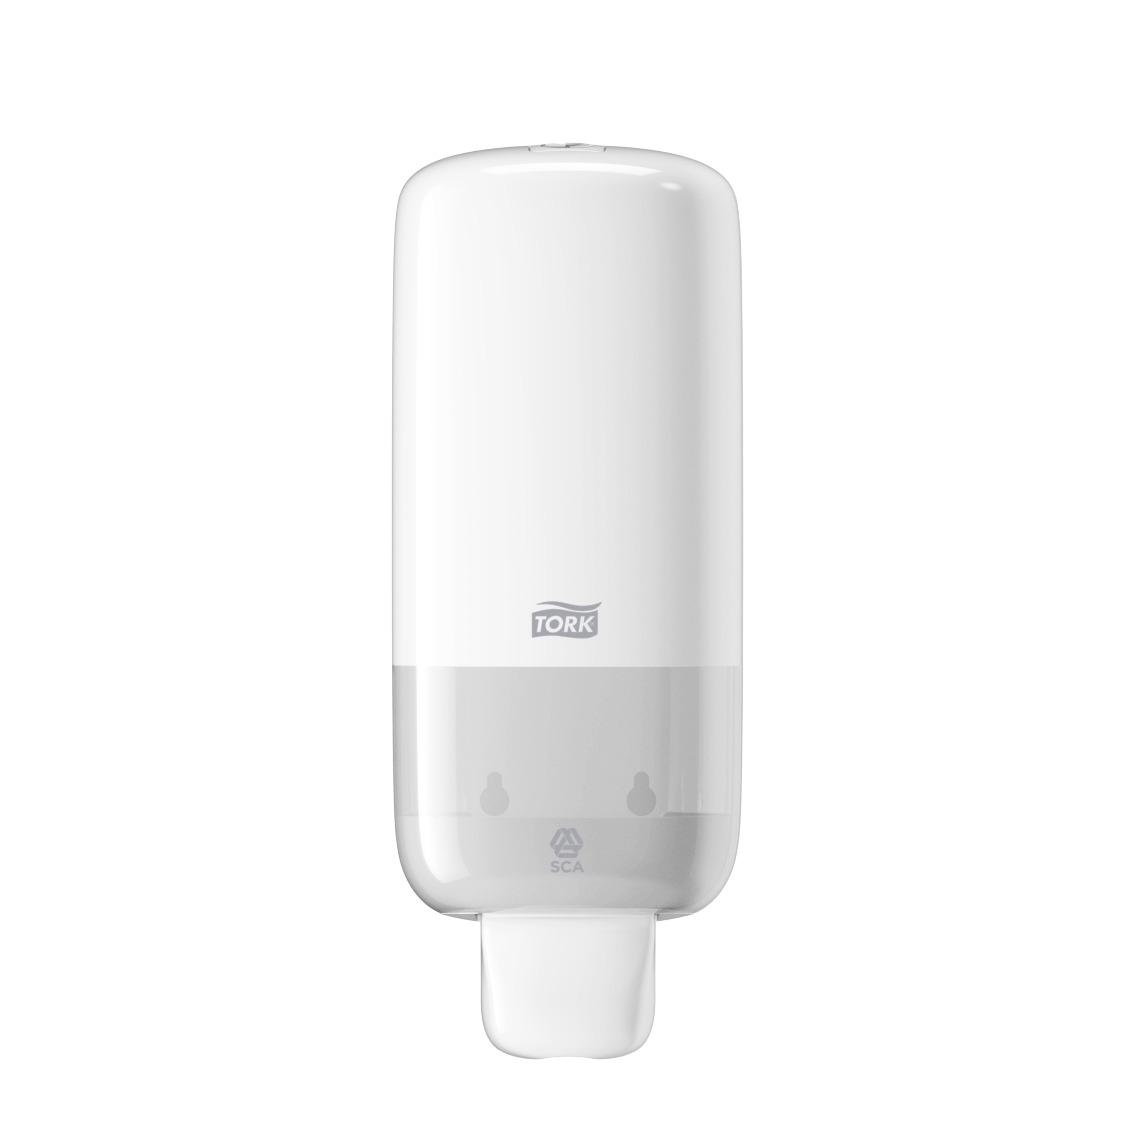 Tork Seifenspender Elevation, S4 - Schaumseifen System, Kunststoff, weiß, 11 x 28,5 x 10,5 cm